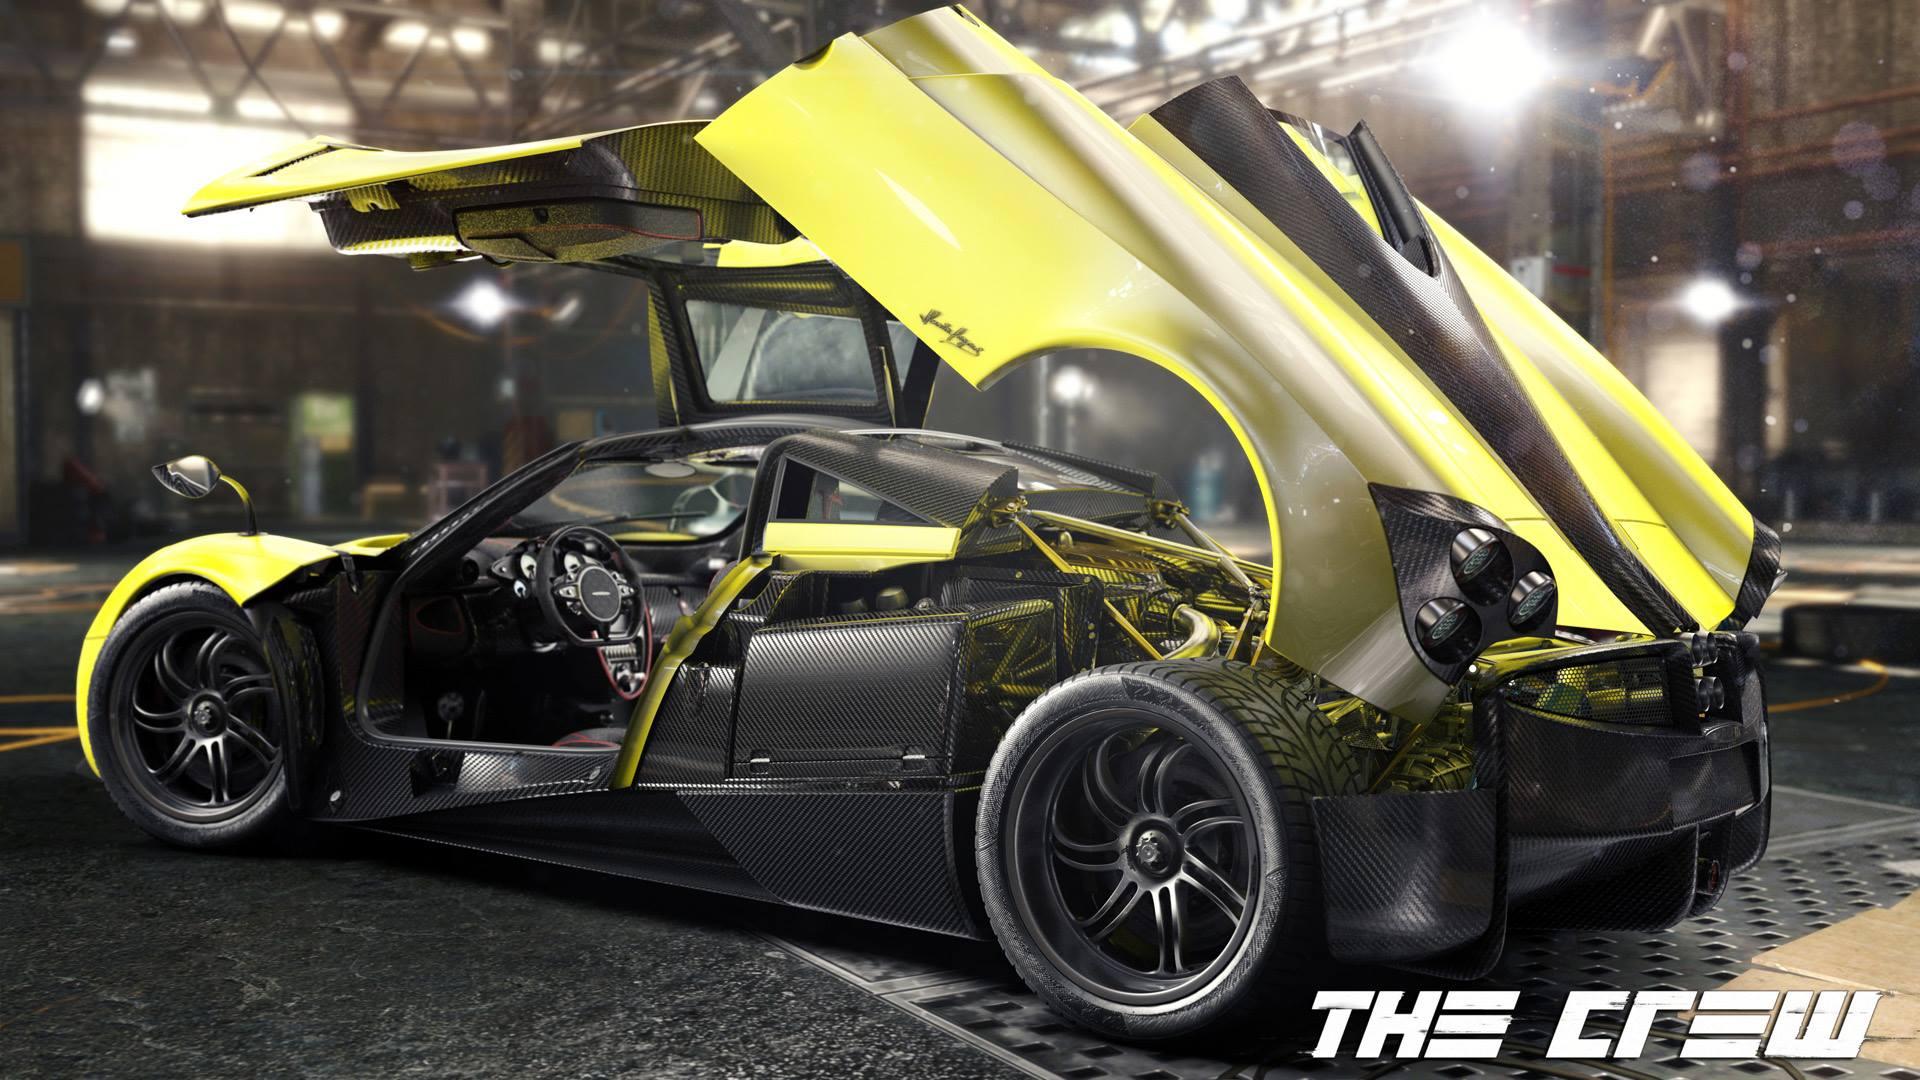 The Crew: Csapatás az egyik legjobban várt autós játékkal